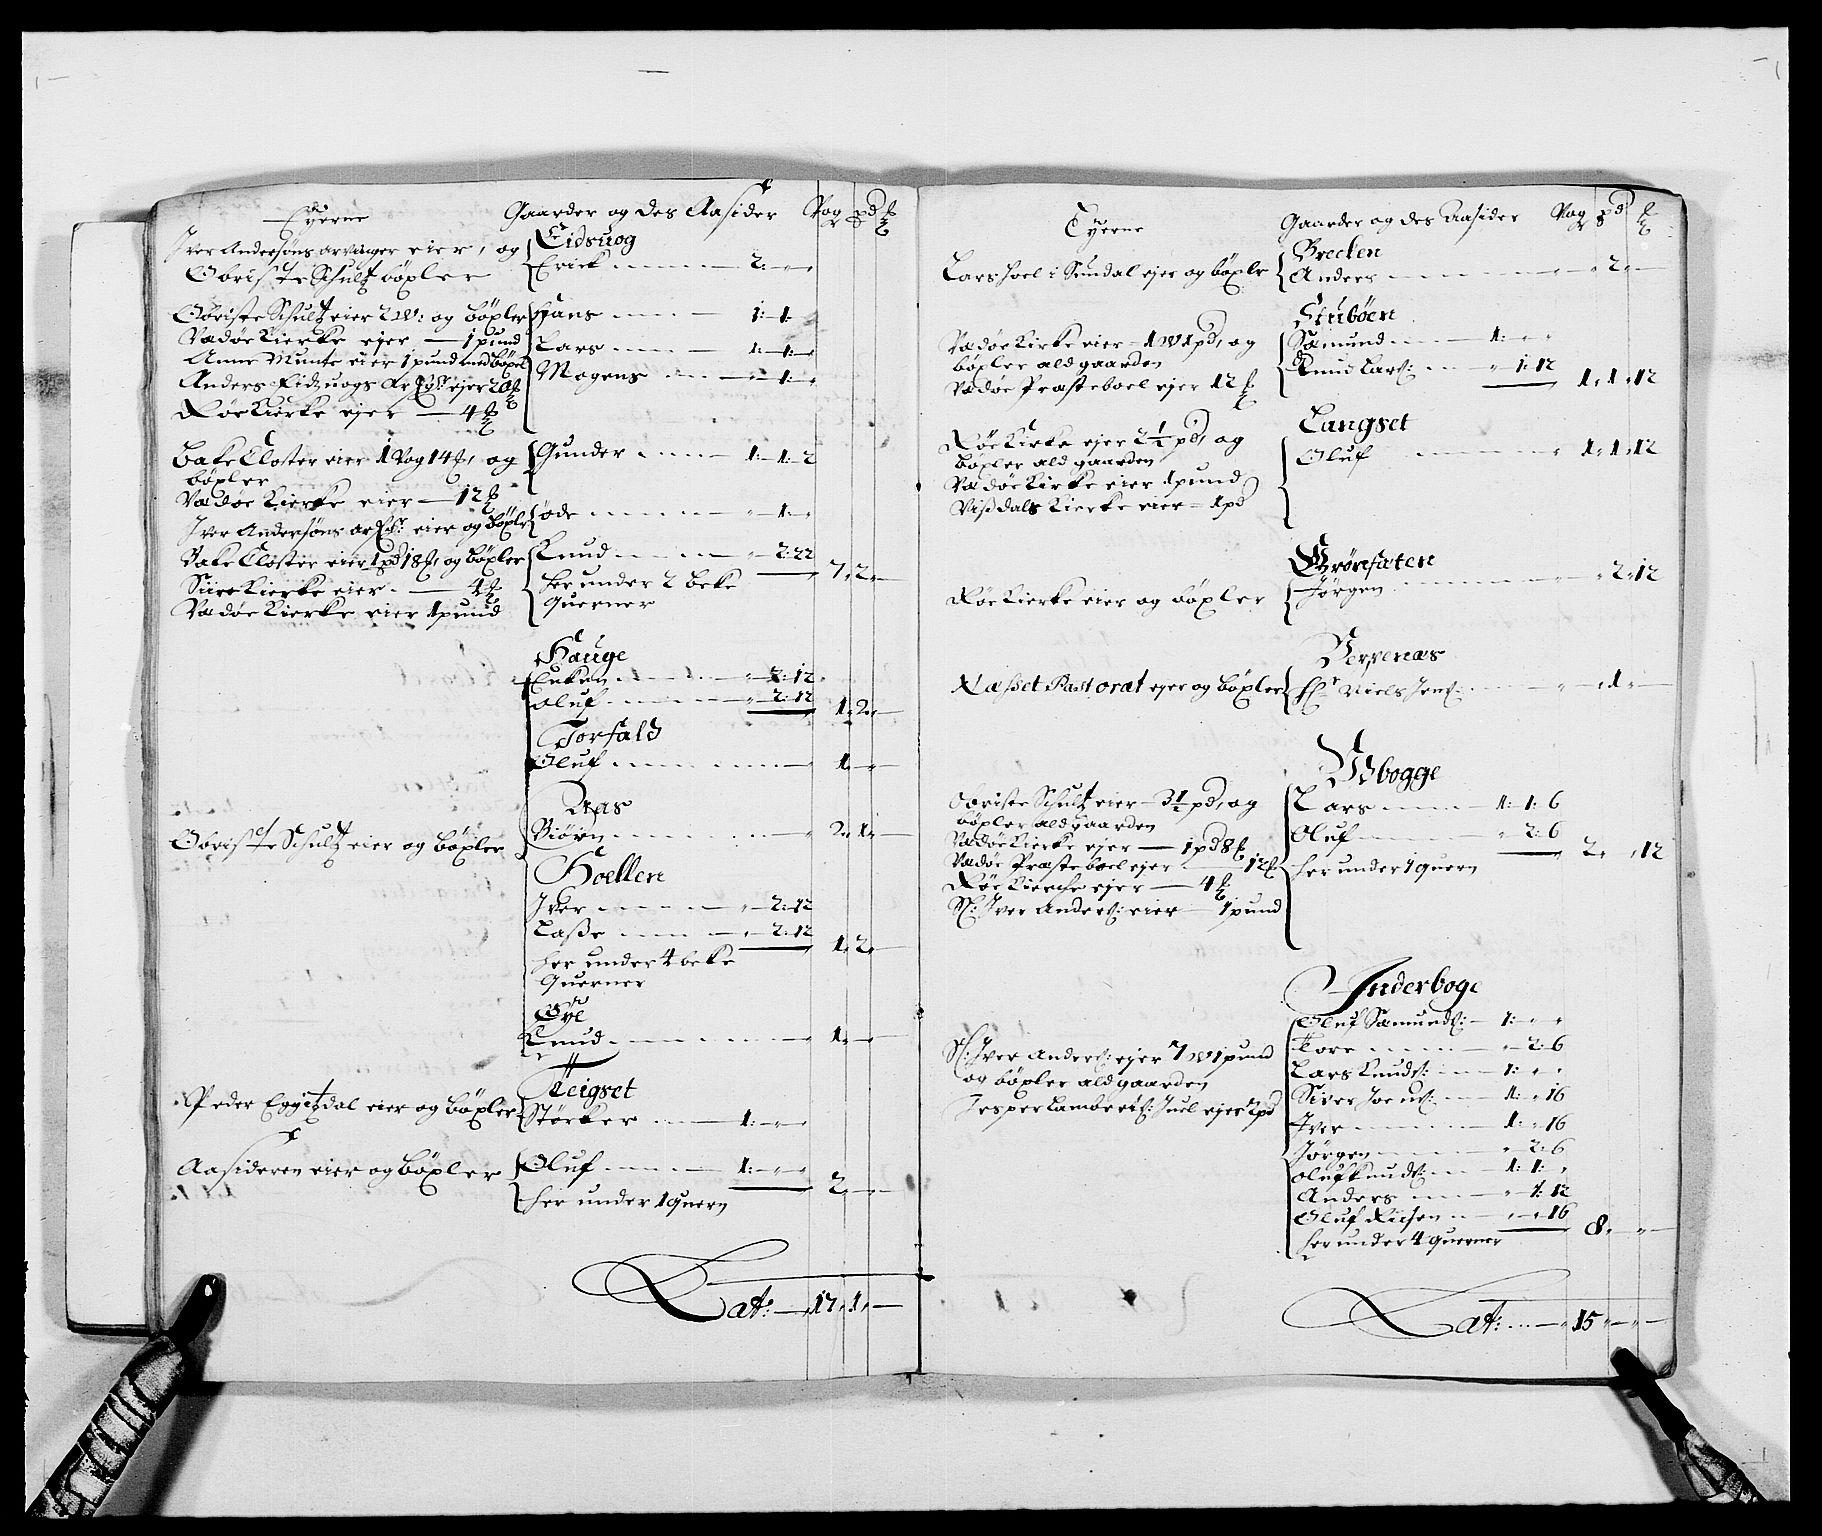 RA, Rentekammeret inntil 1814, Reviderte regnskaper, Fogderegnskap, R55/L3648: Fogderegnskap Romsdal, 1687-1689, s. 14